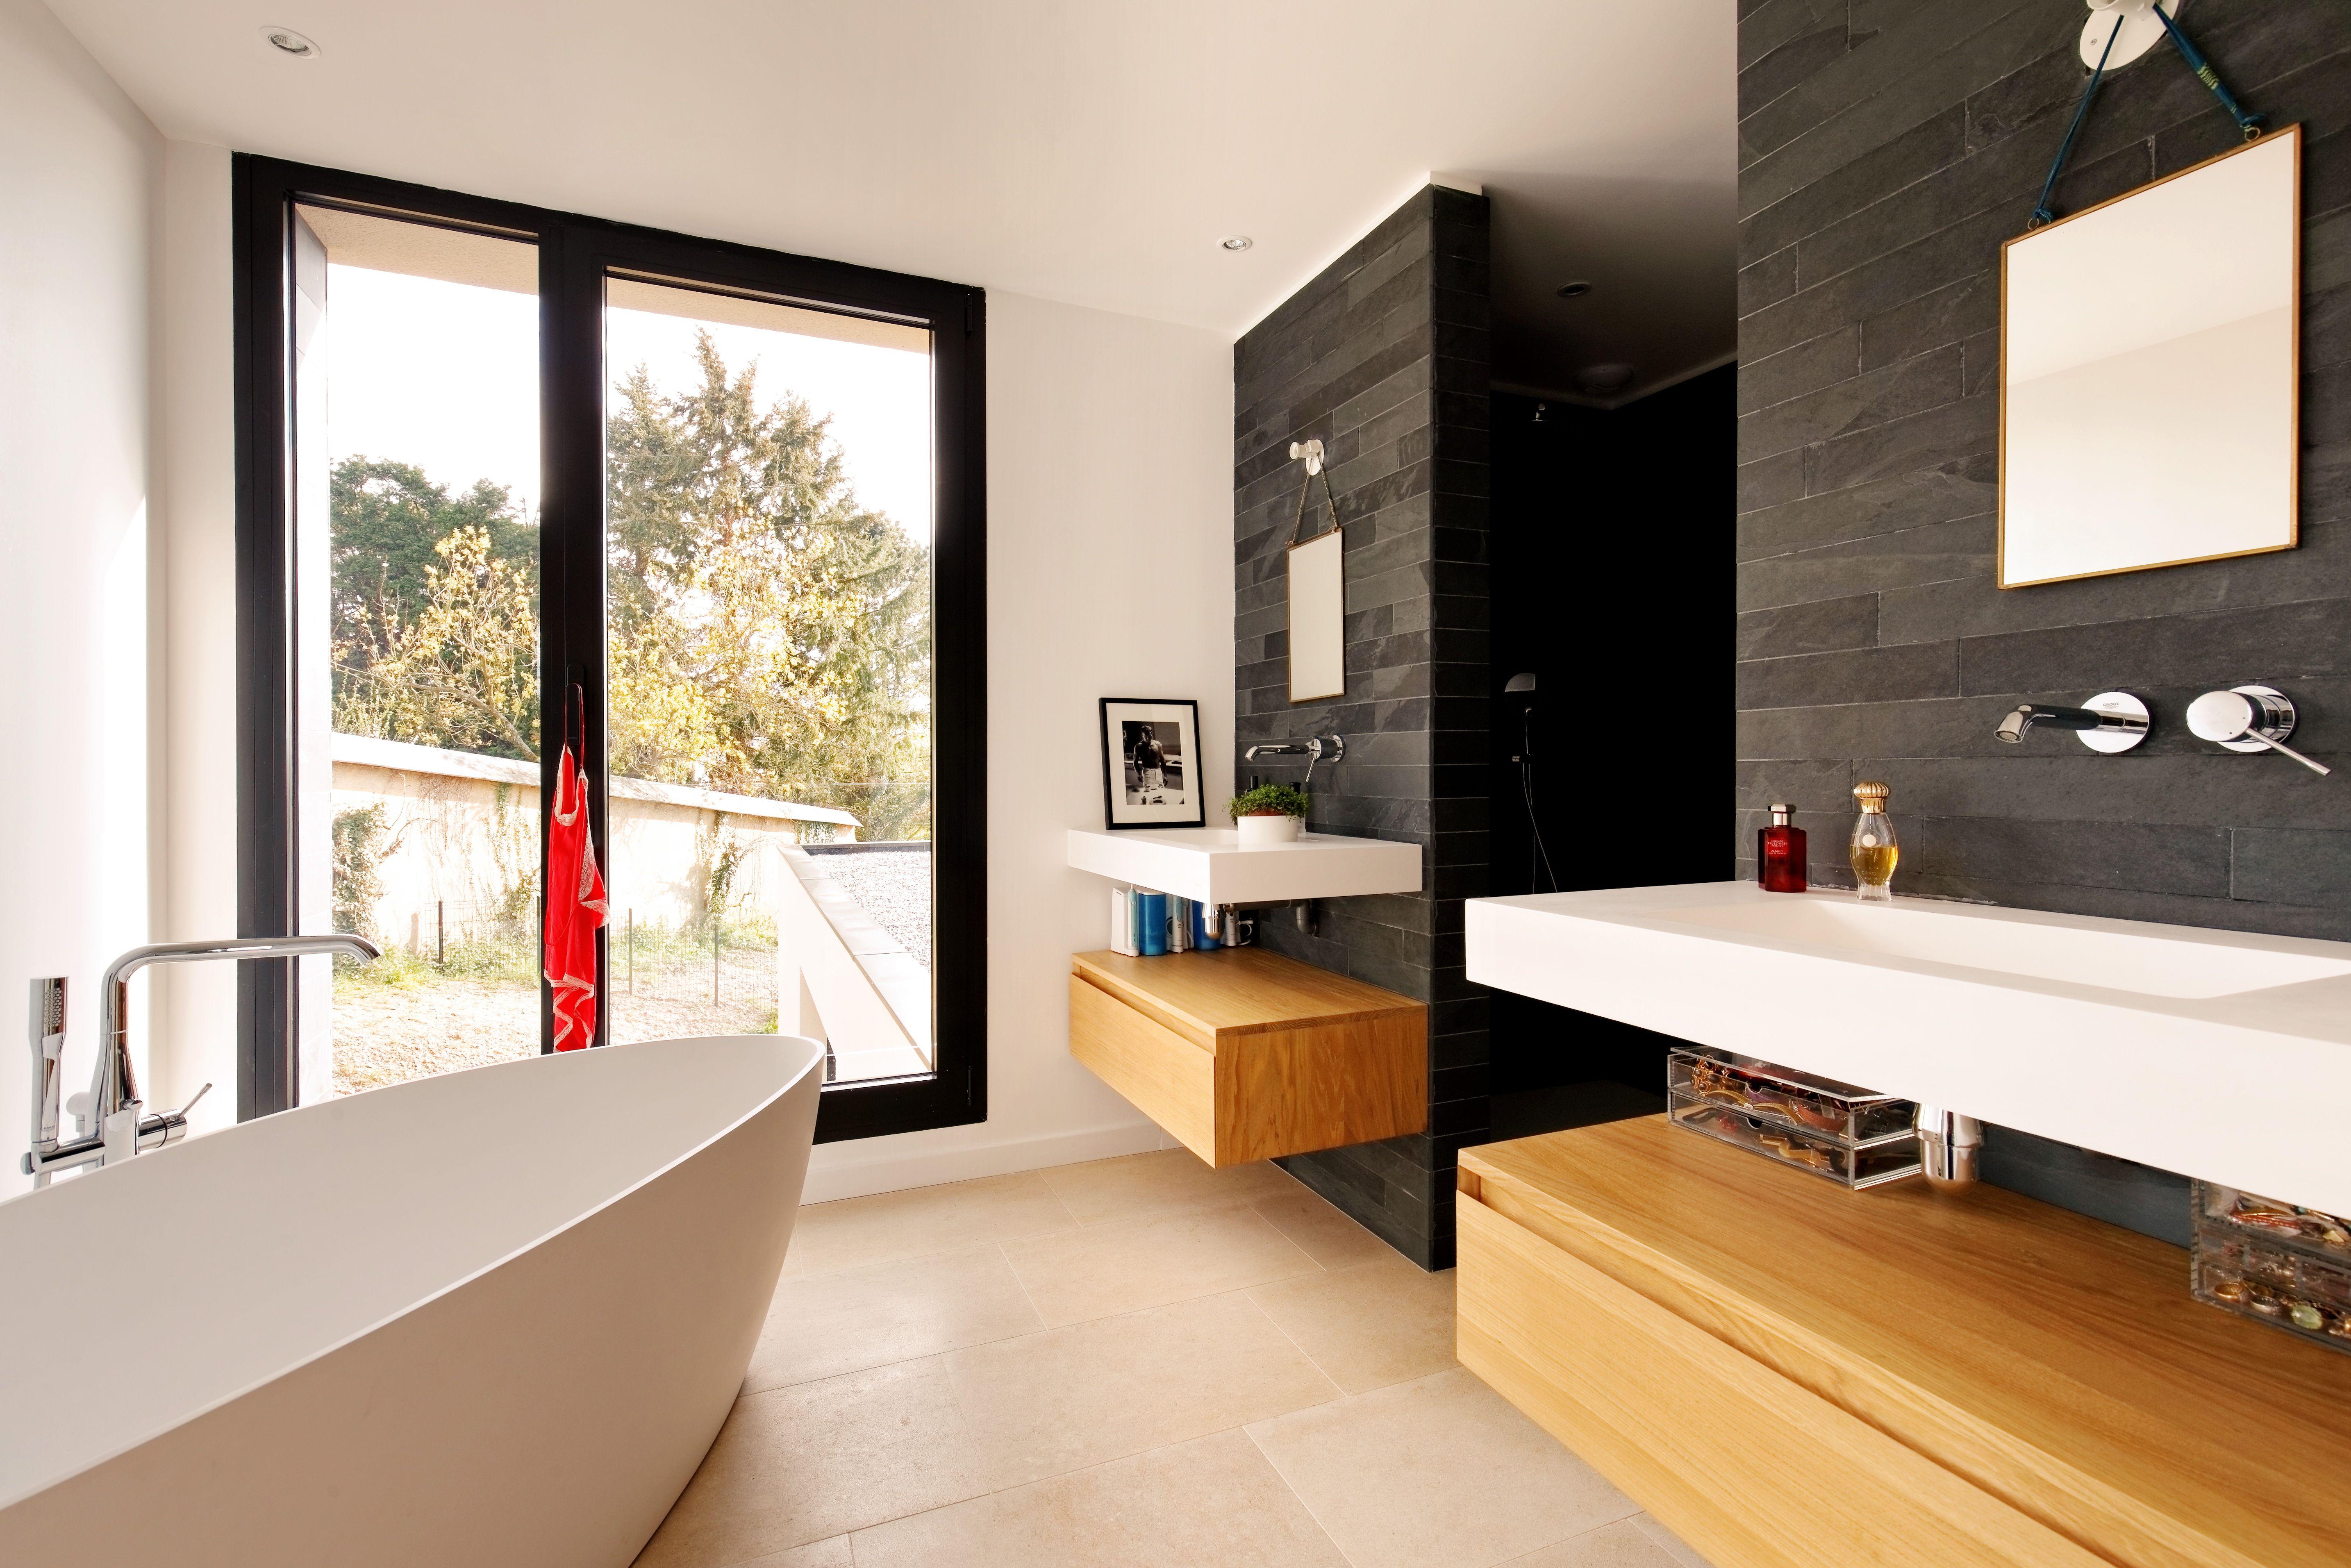 Maison P - Salle de bain contemporaine Bois / Pierres - 2016 - Mont ...